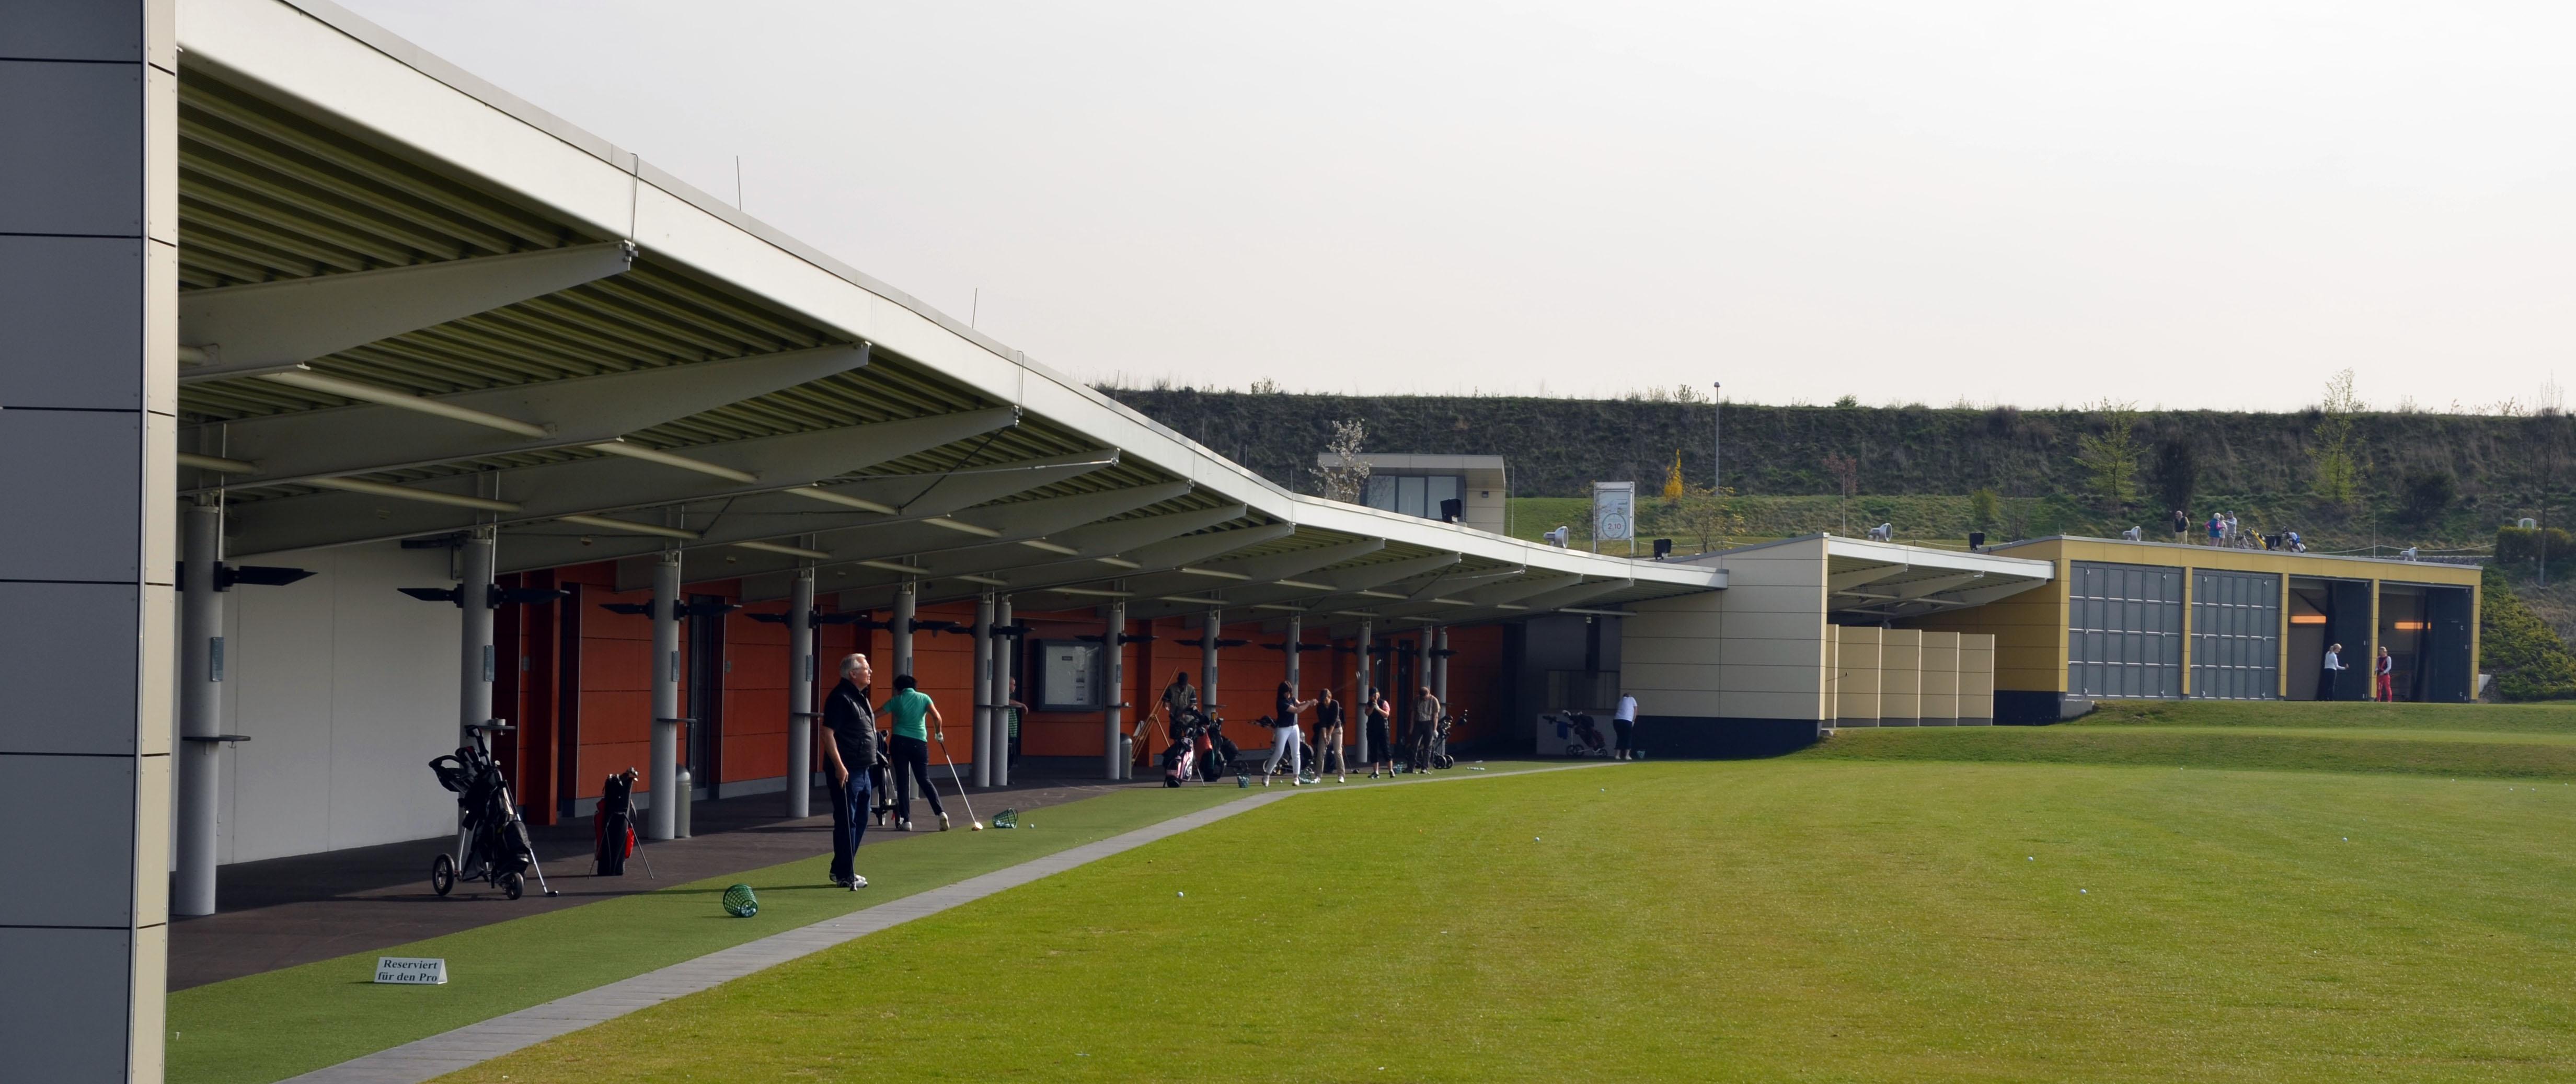 Kölner Golfclub, Driving Range, Architekturbüro Schönborn+ Hölscher